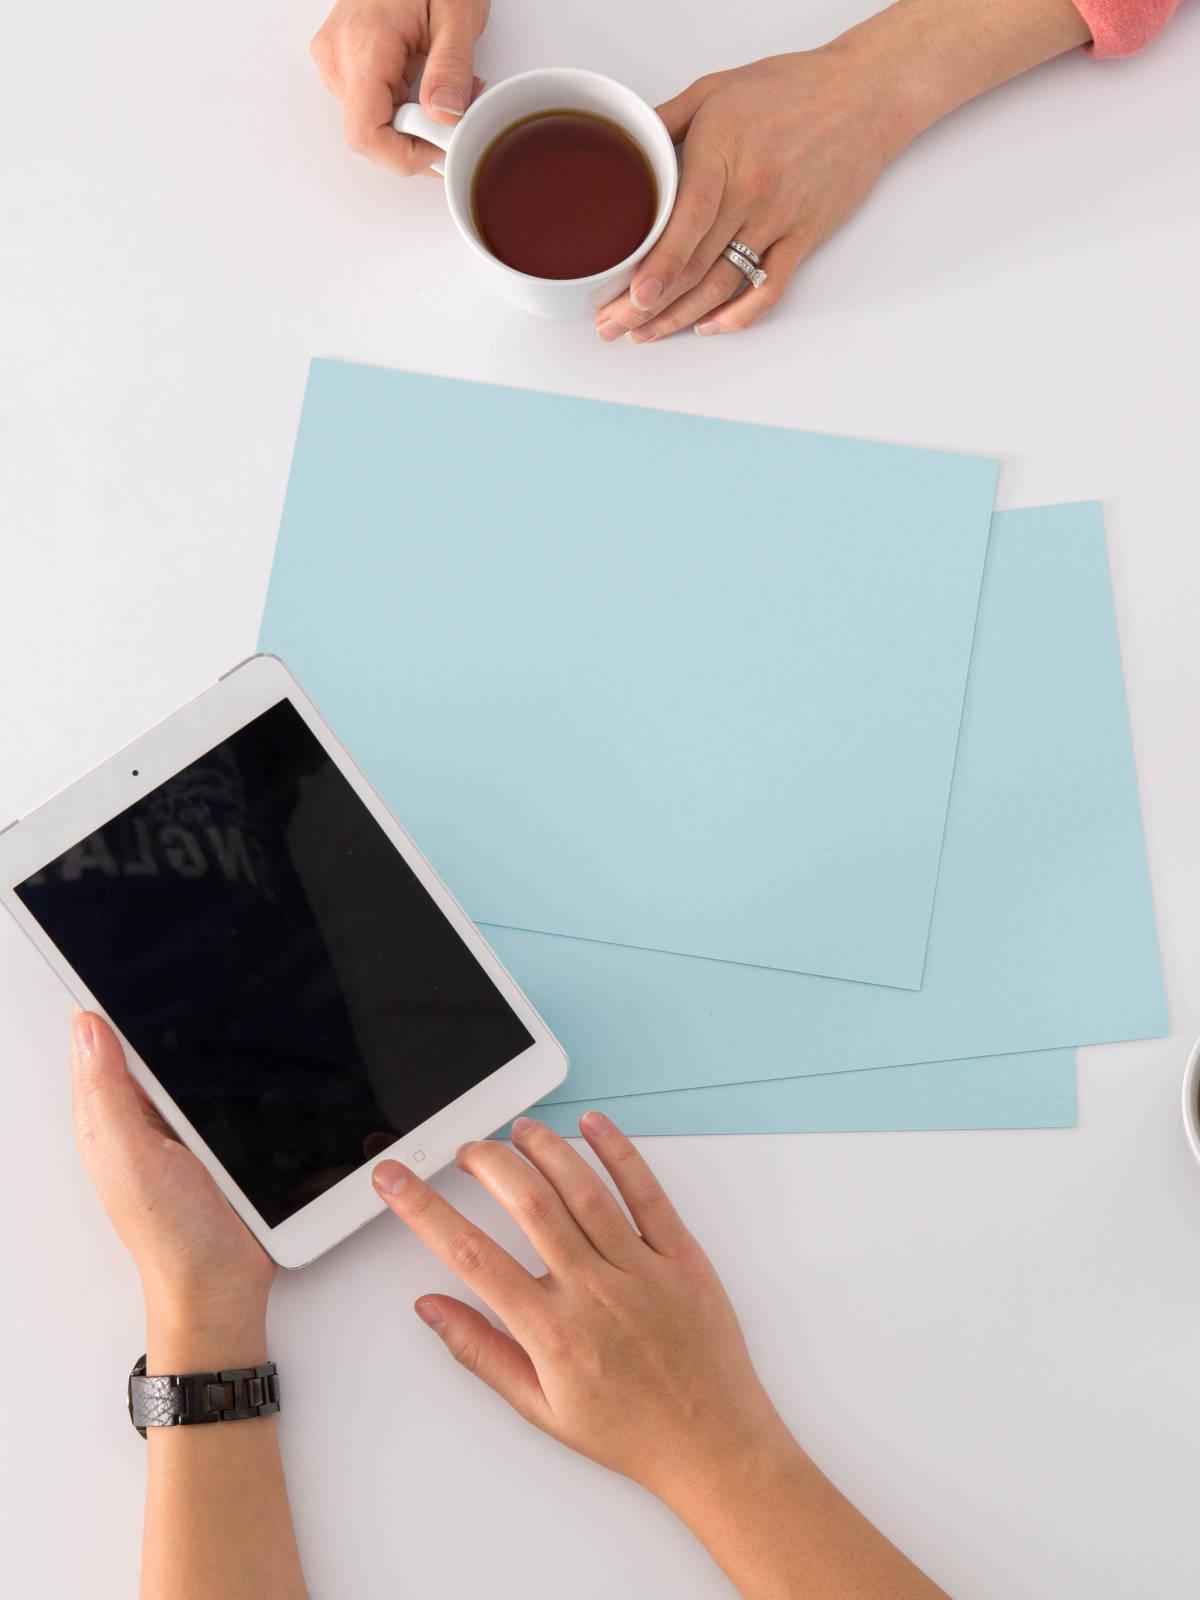 Overleg tussen twee personen met tablet, papieren en warme drank